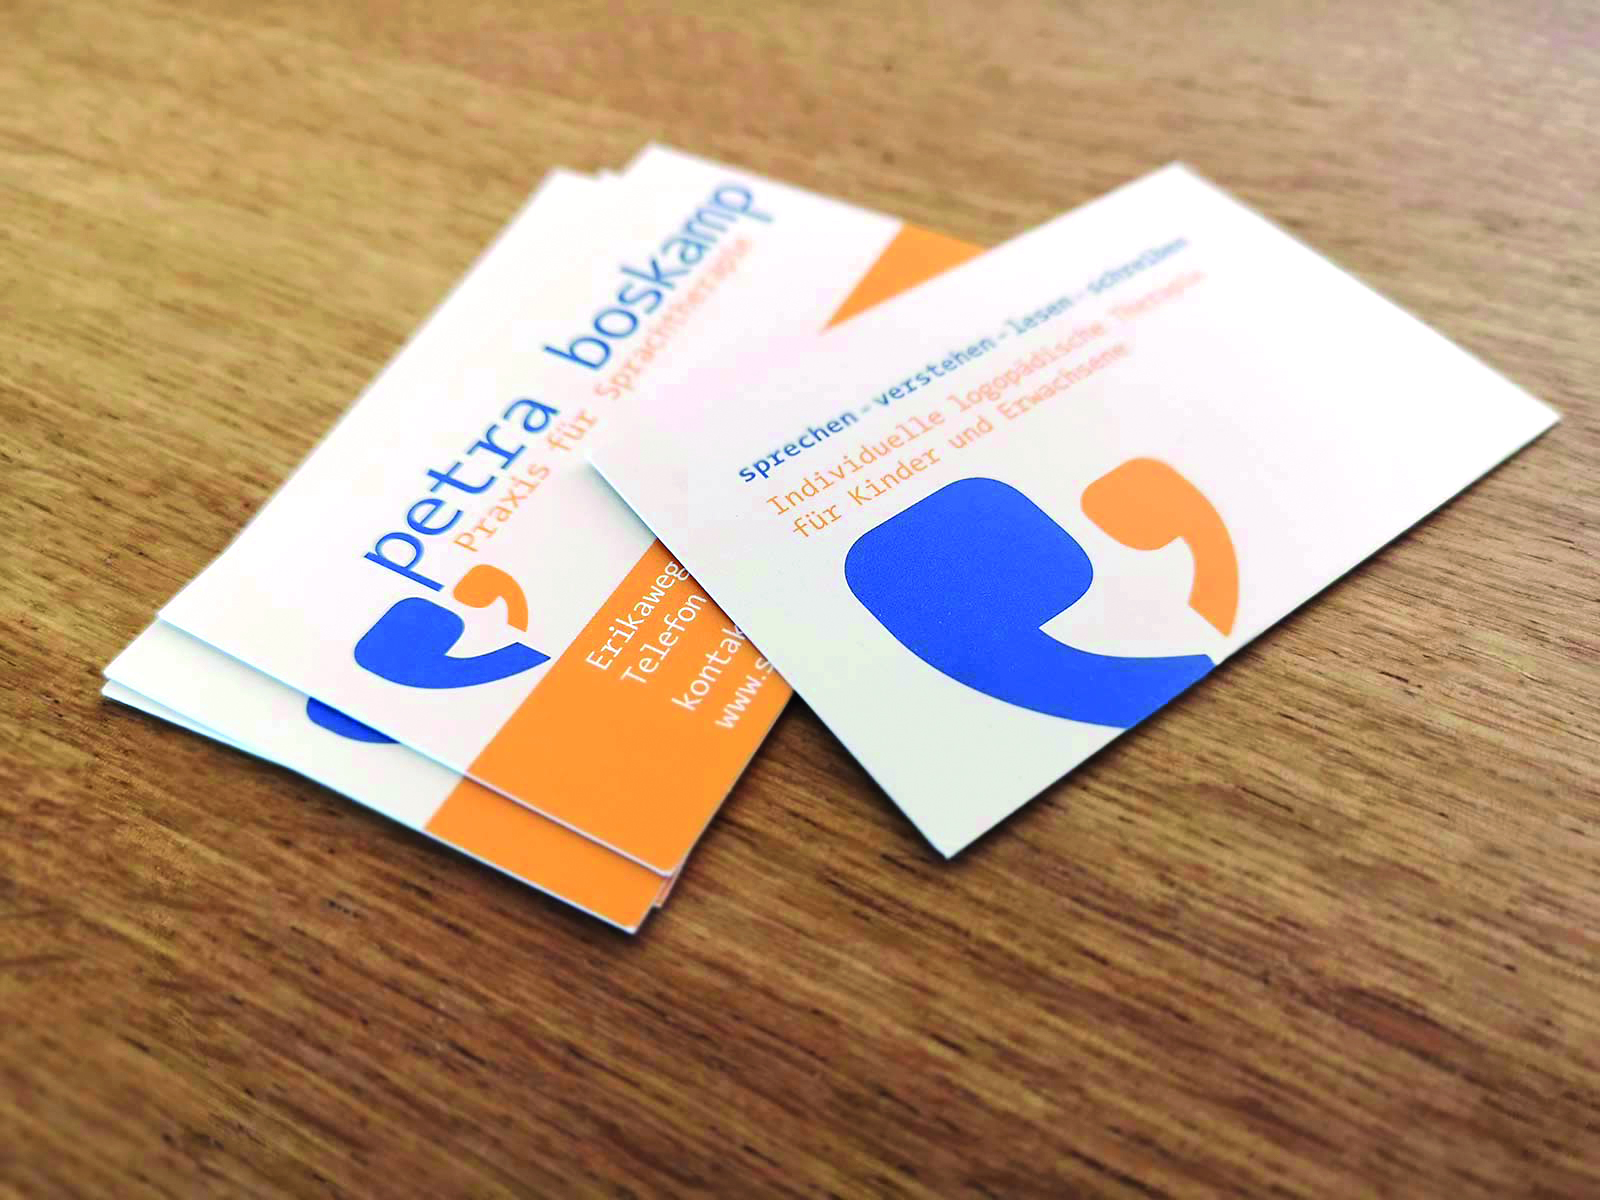 MARGATE - Agentur für Werbung - Sprachtherapie Offenburg